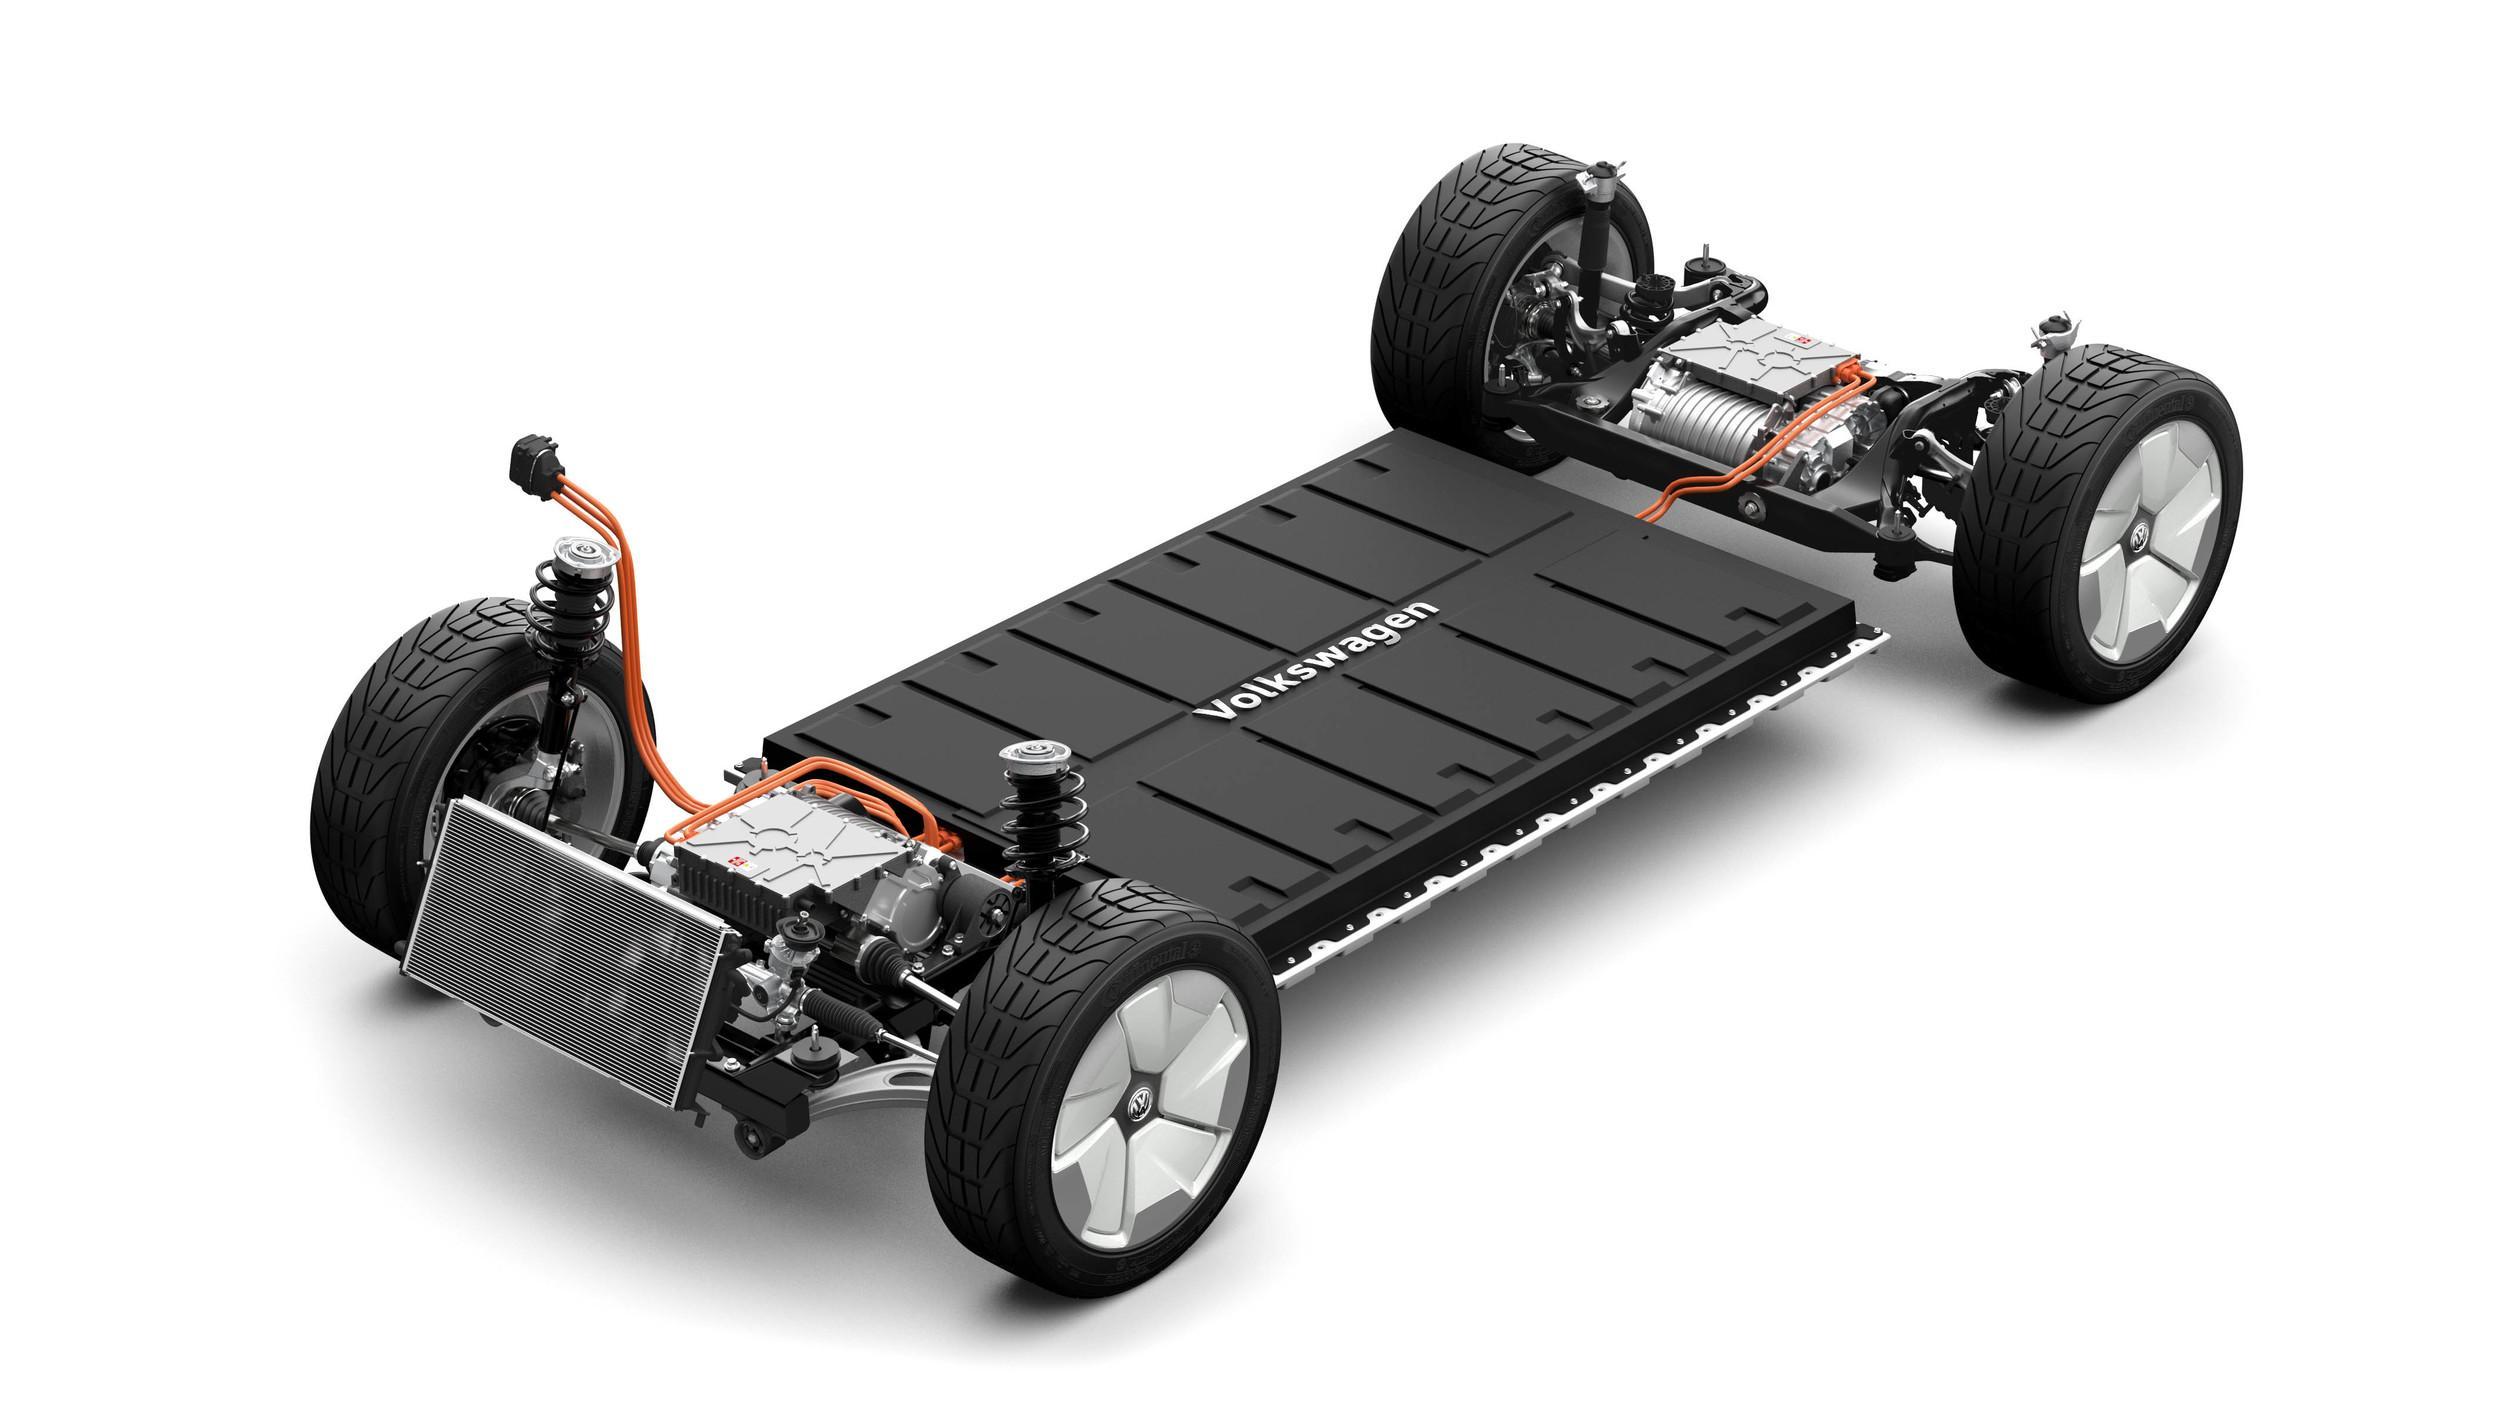 volkswagen-i-d-buzz-cargo-motorsports-concept-1 (2)